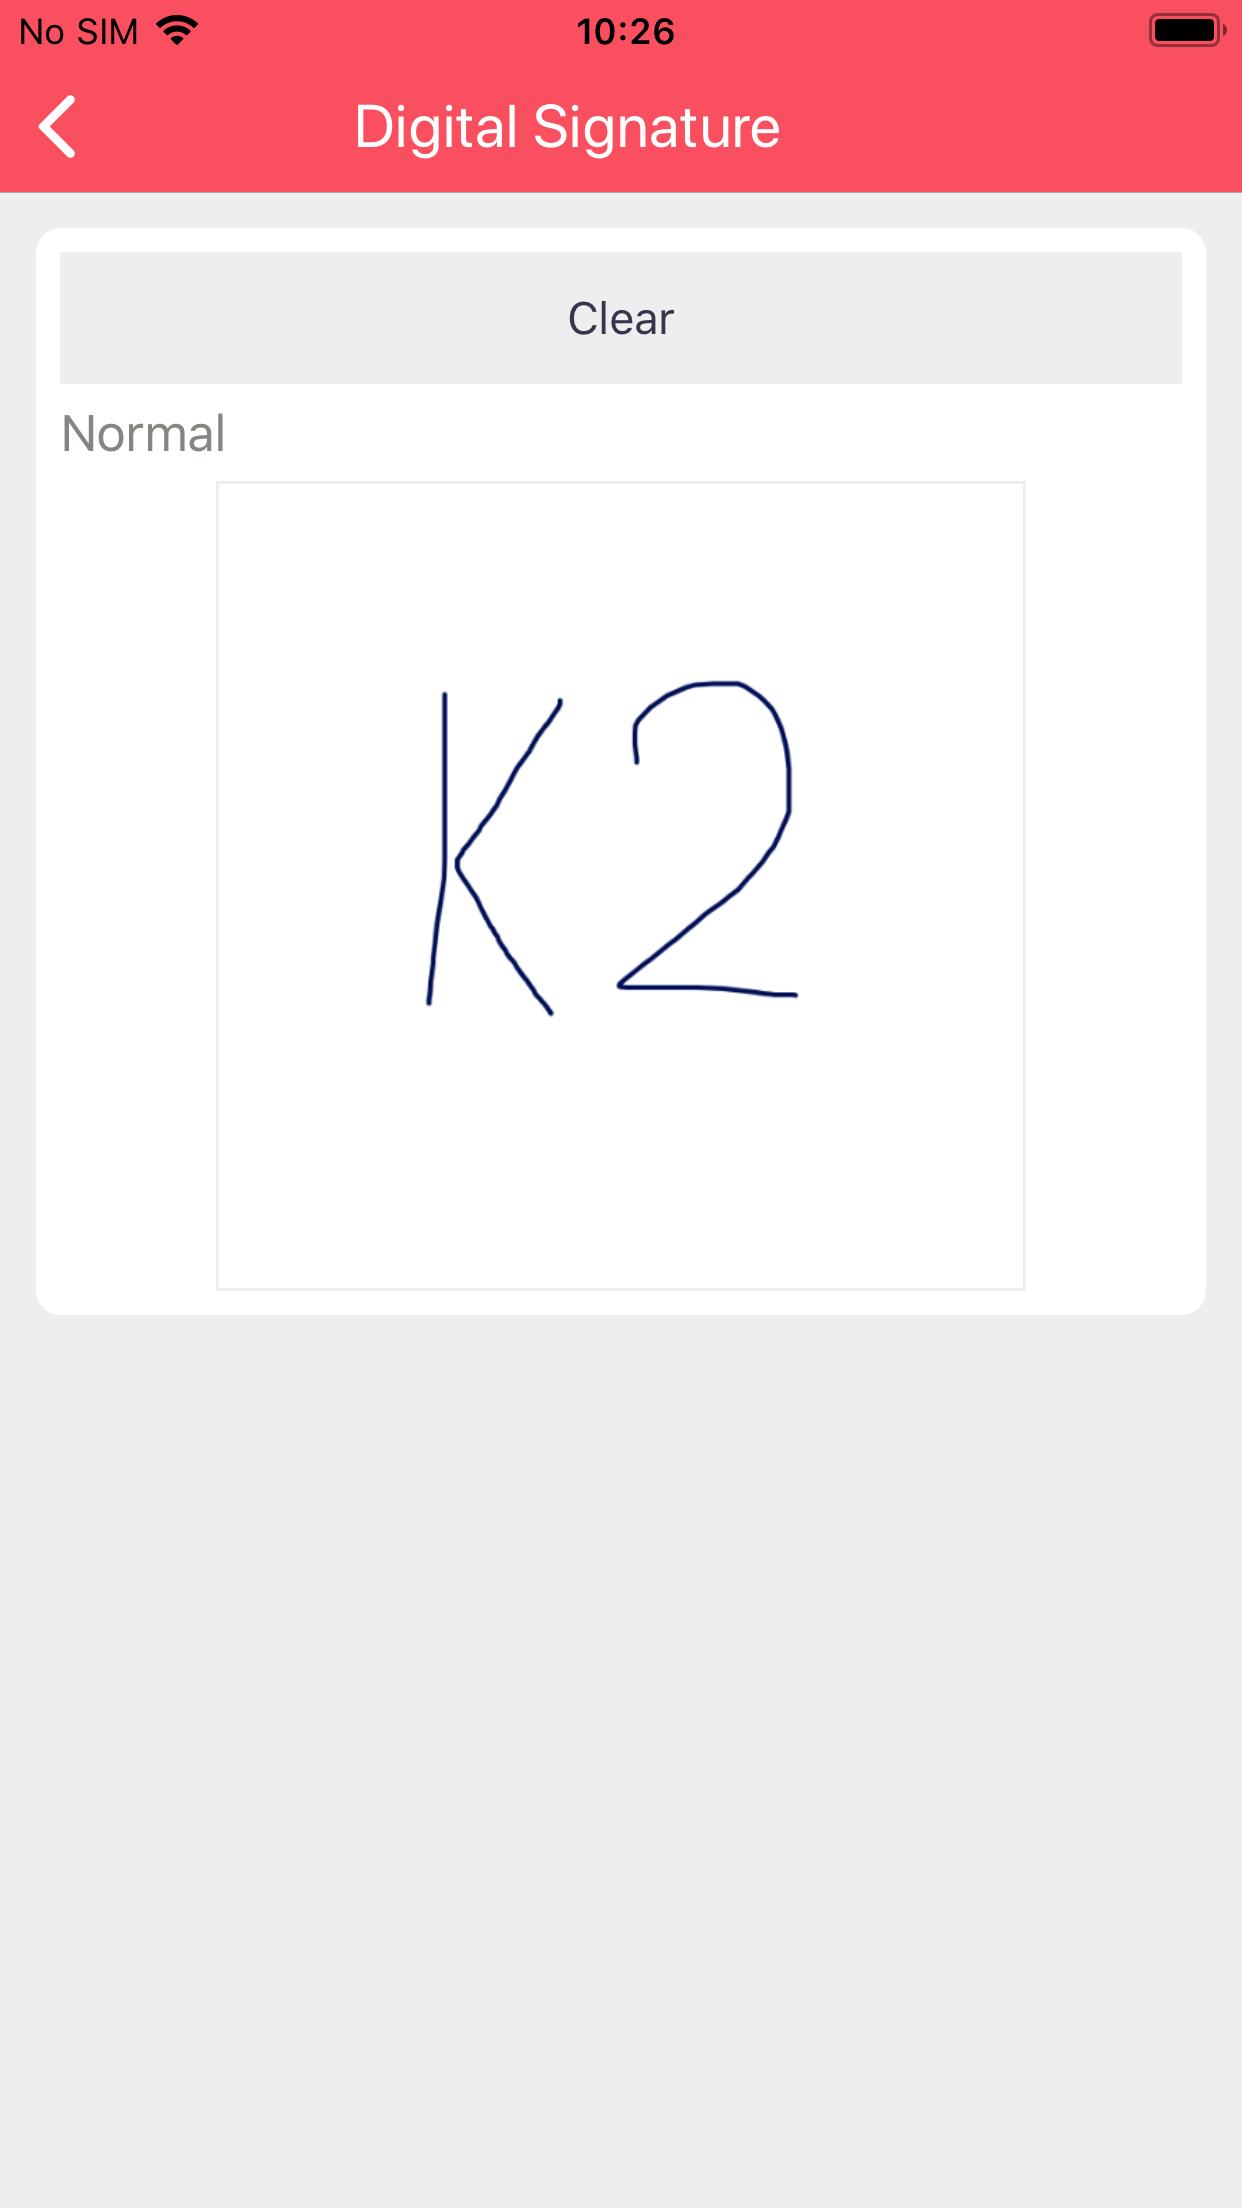 Filled Digital Signature on iOS